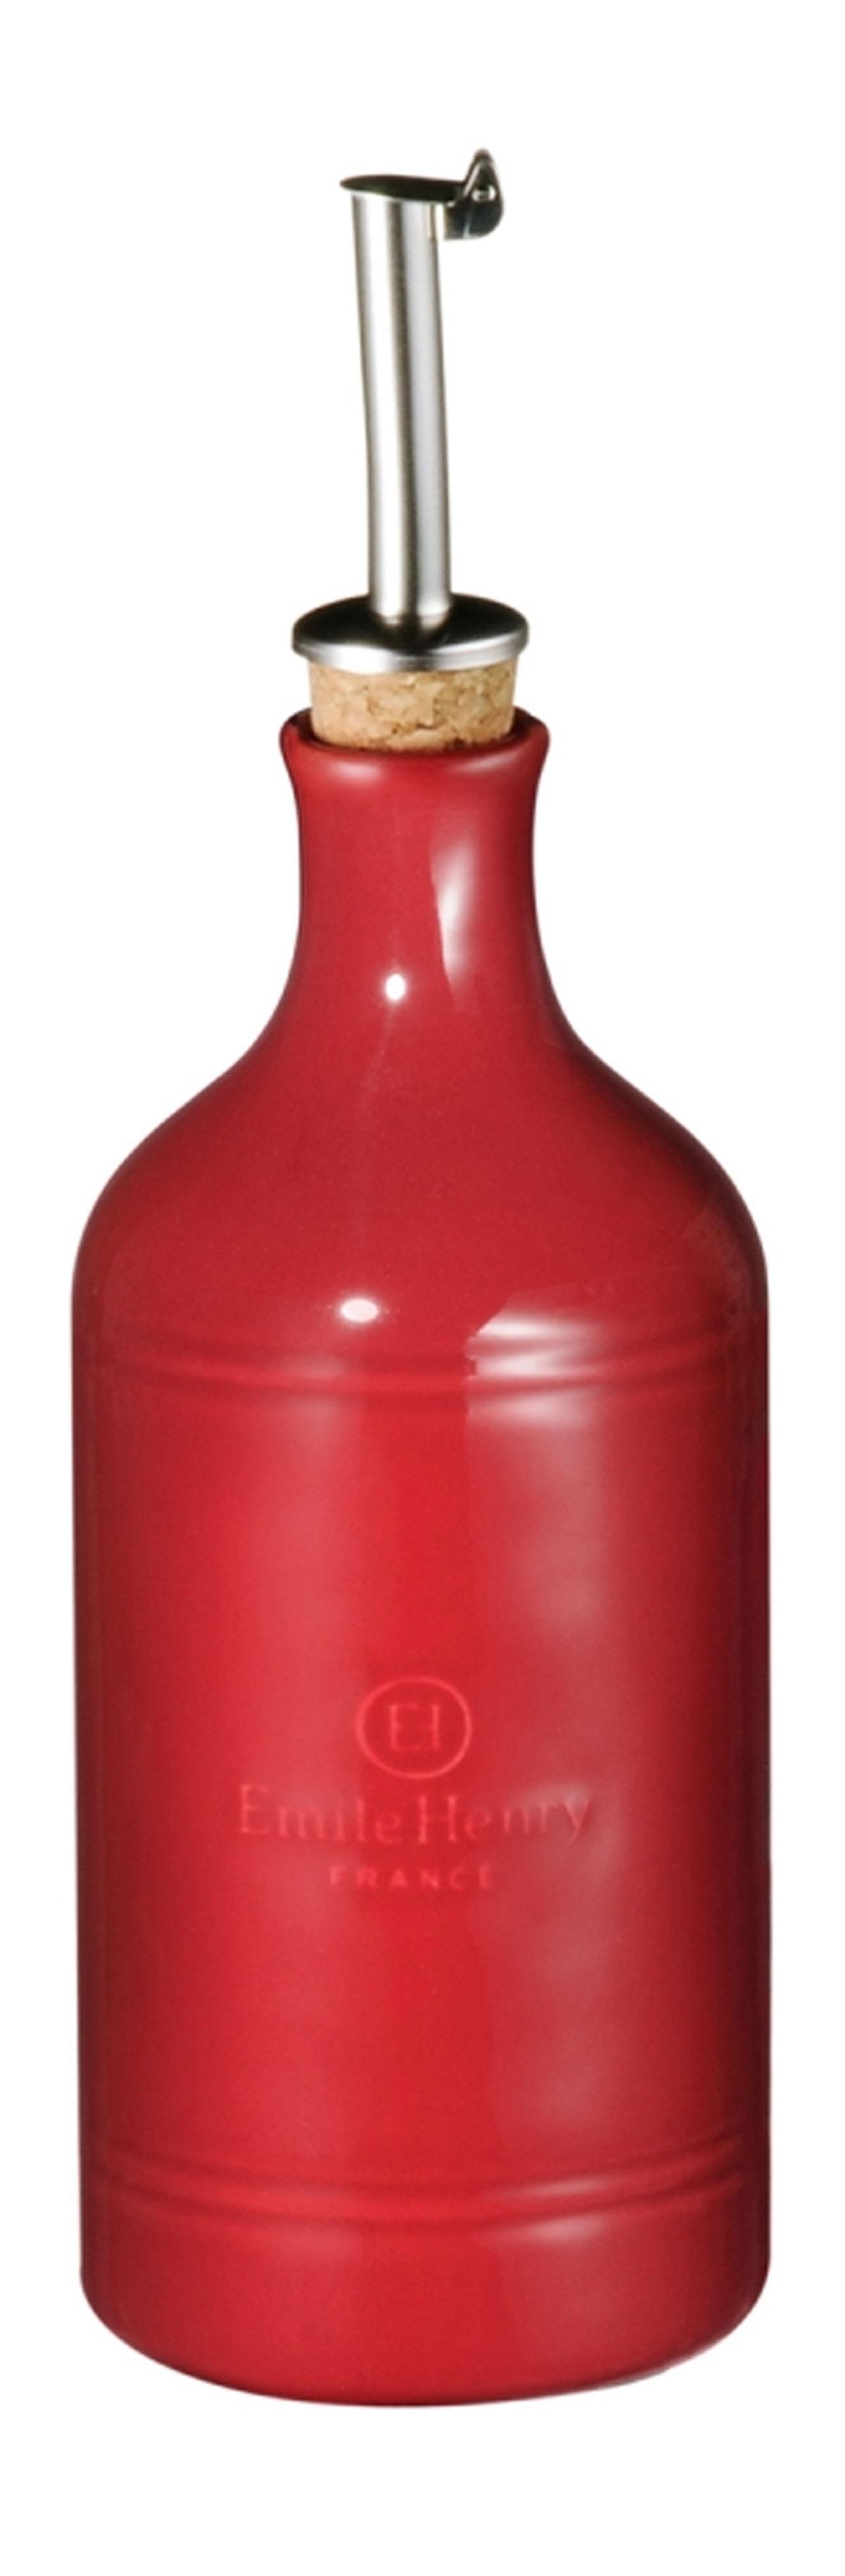 Бутылка для масла и уксуса Emile Henry Natural Chic, цвет: гранат, 450 мл340215Бутылка для масла или уксуса Emile Henry Natural Chic, выполненная из керамики и металла, позволит украсить любую кухню, внеся разнообразие как в строгий классический стиль, так и в современный кухонный интерьер. Пробковая крышка с носиком снабжена клапаном антикапля, не допускающим пролива. Стенки бутылки светонепроницаемые, поэтому ее можно хранить в открытом шкафу, не волнуясь, что ваше лучшее оливковое масло потеряет вкус и аромат. Оригинальная бутылка будет отлично смотреться на вашей кухне. Высота бутылки (с учетом носика): 23,5 см. Диаметр основания: 7 см.